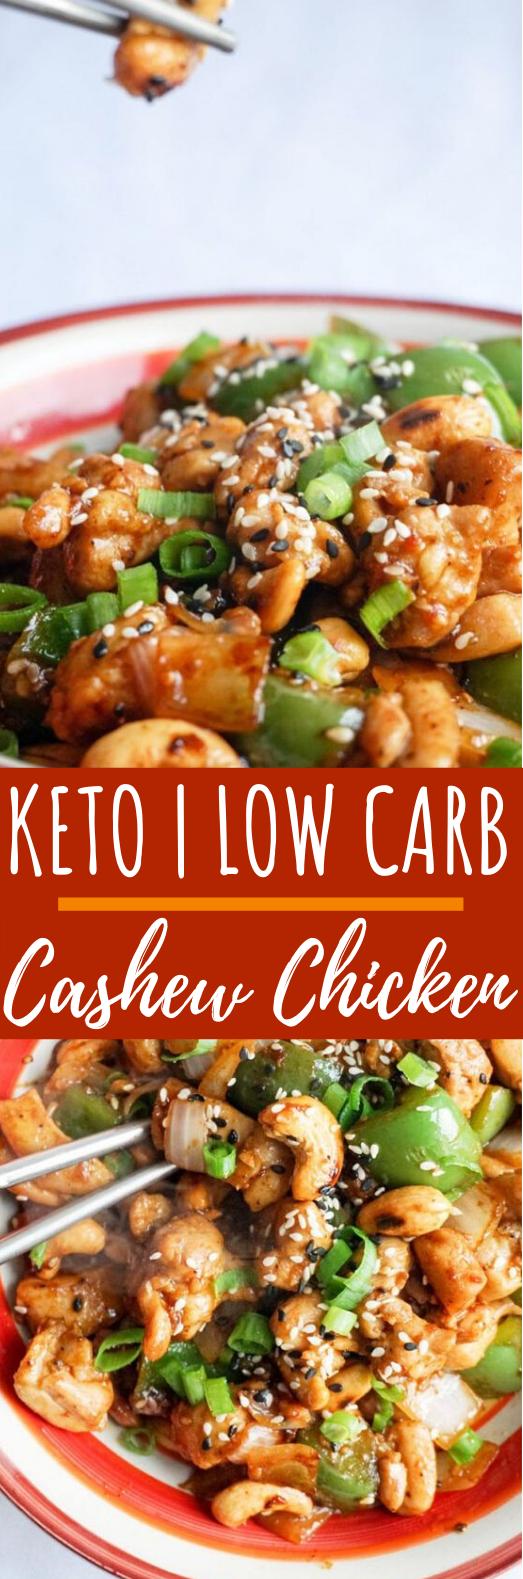 Easy Cashew Chicken #lowcarb #dinner #keto #chicken #diet